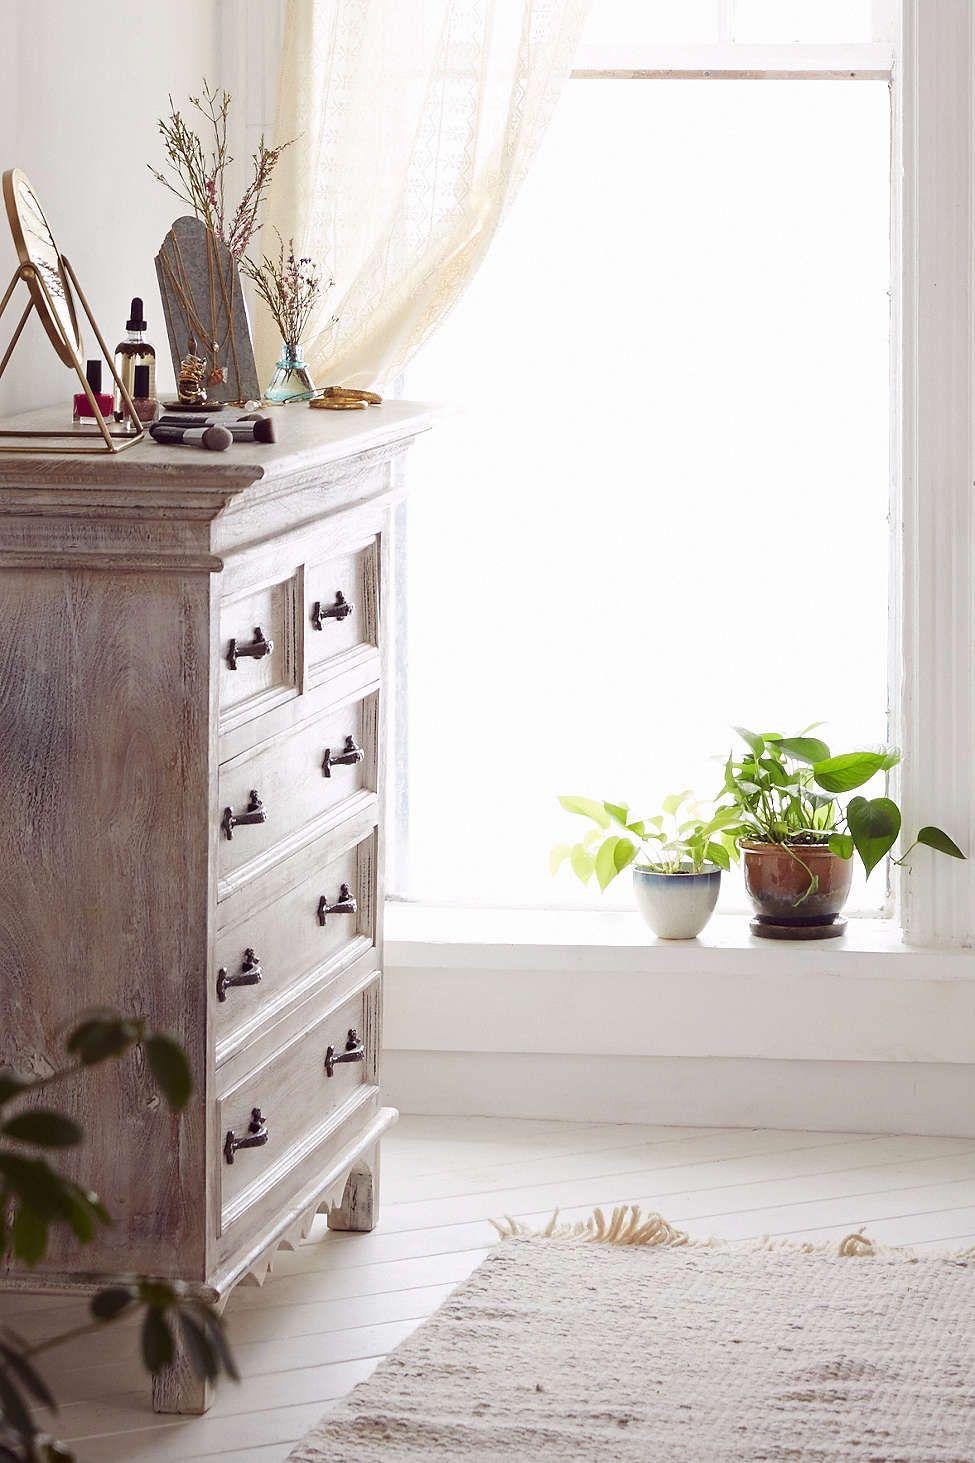 Padma dresser